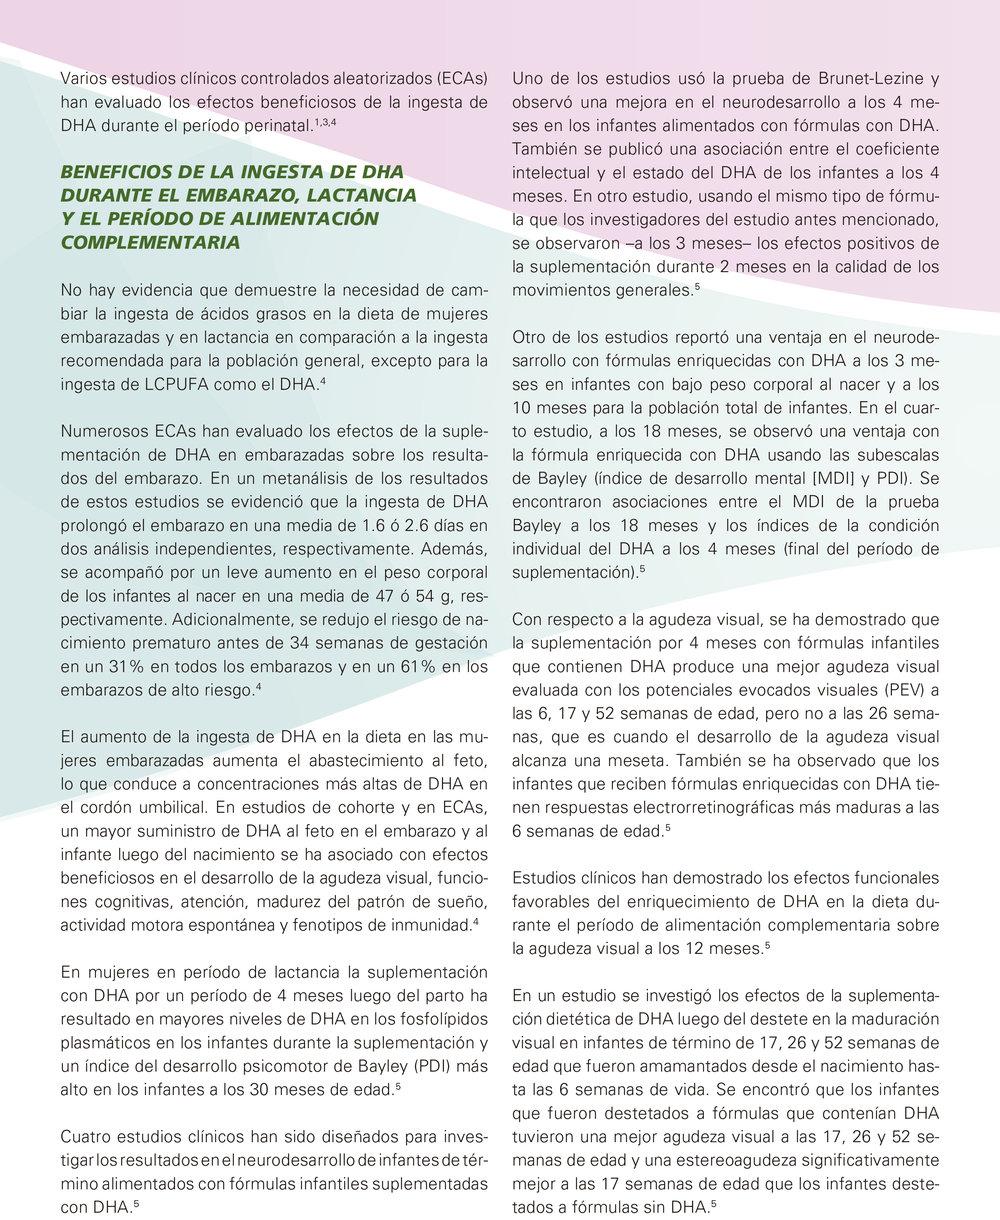 Acfol_Beneficios2